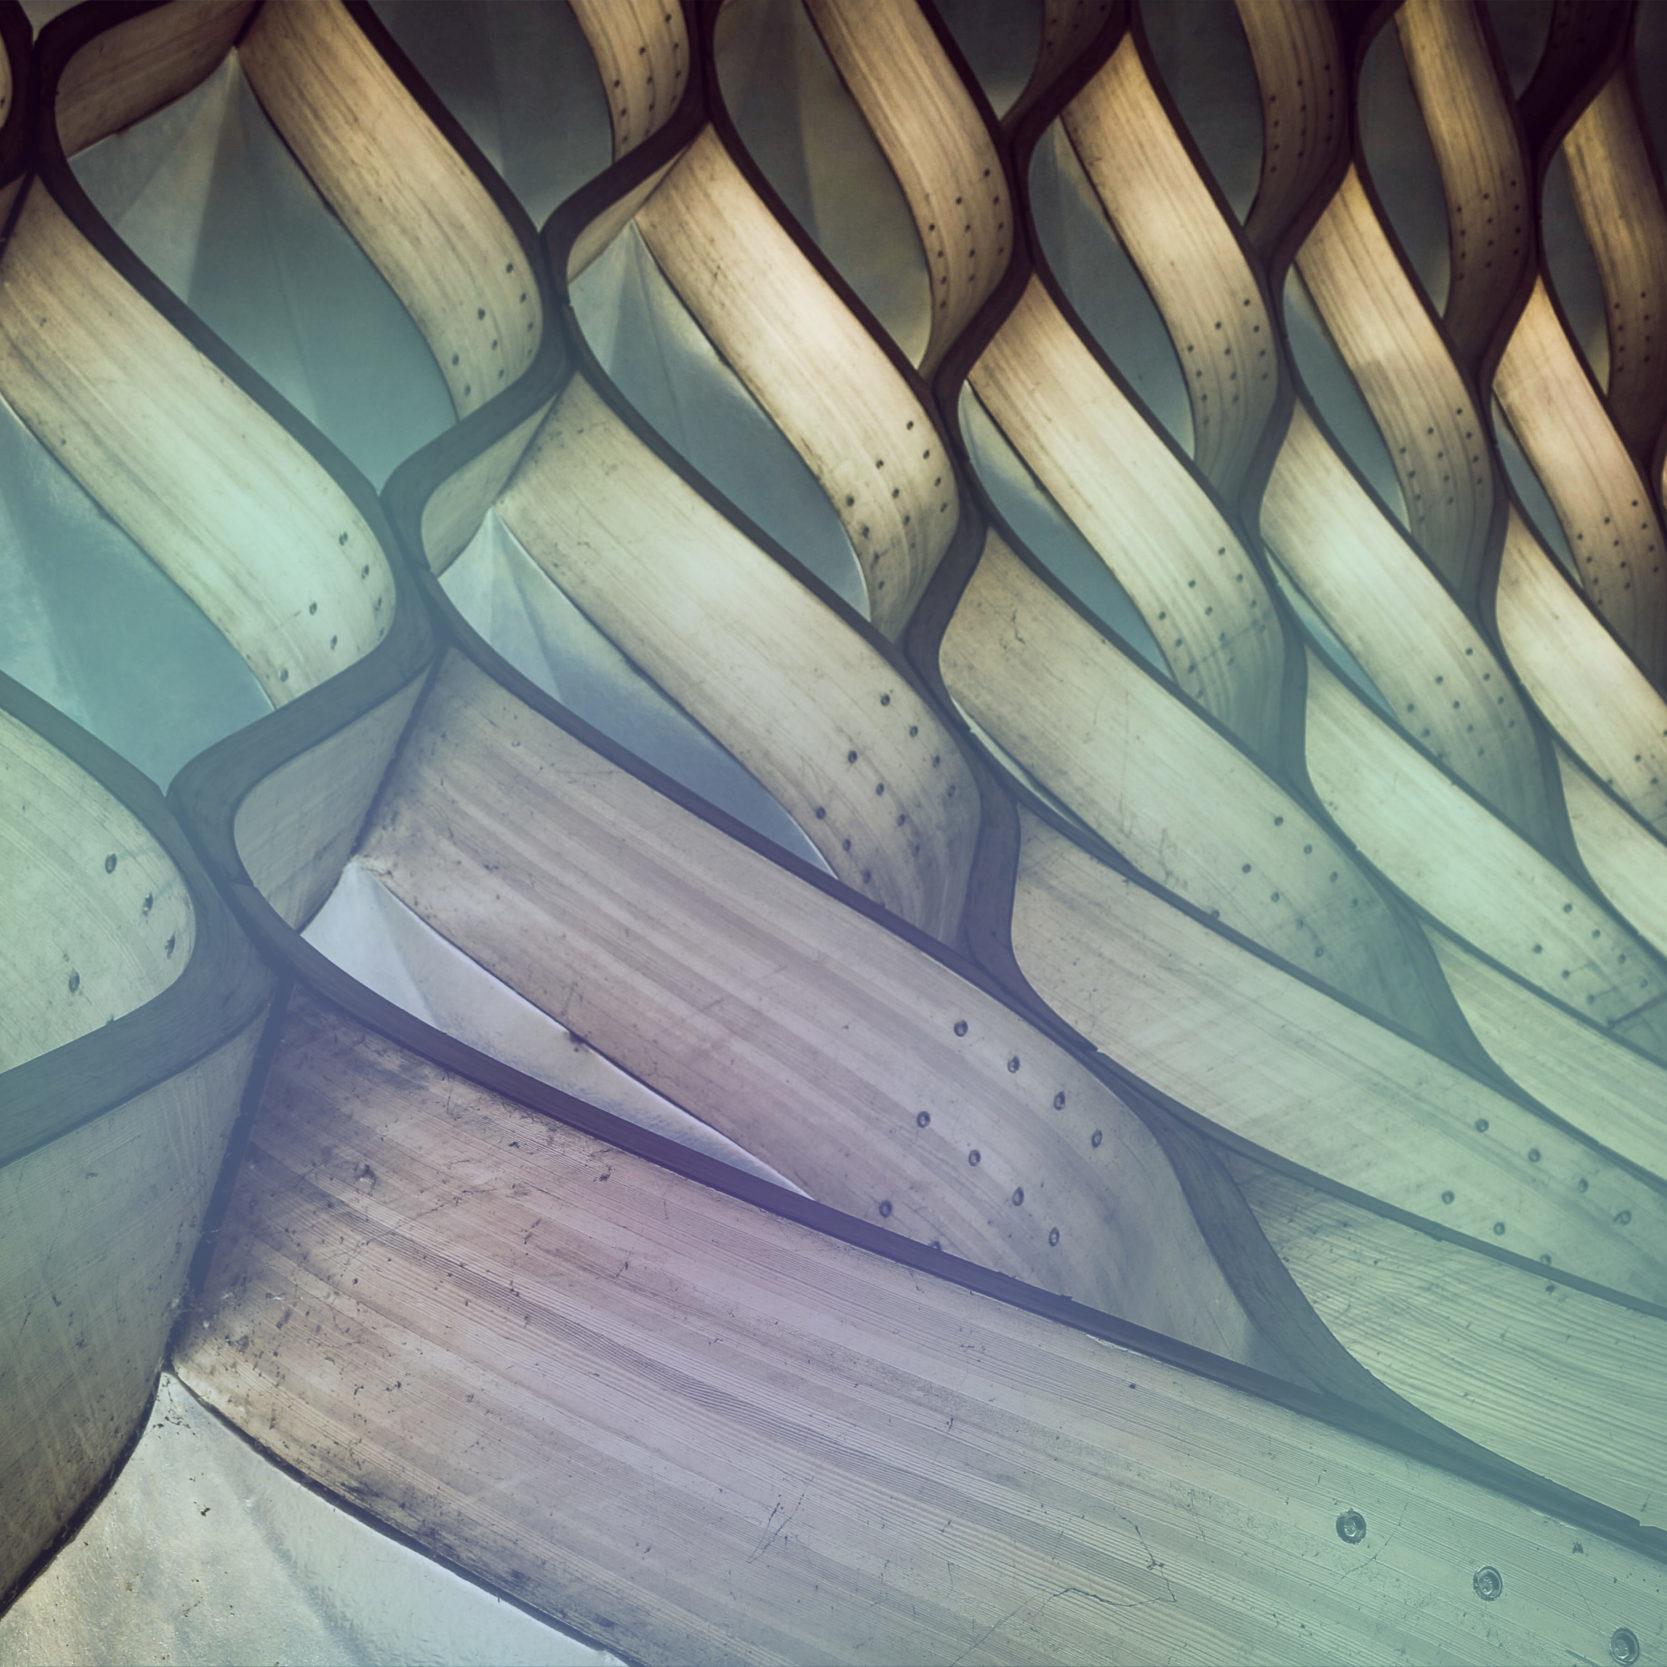 Bild einer Holzkonstruktion in Wellenlinien